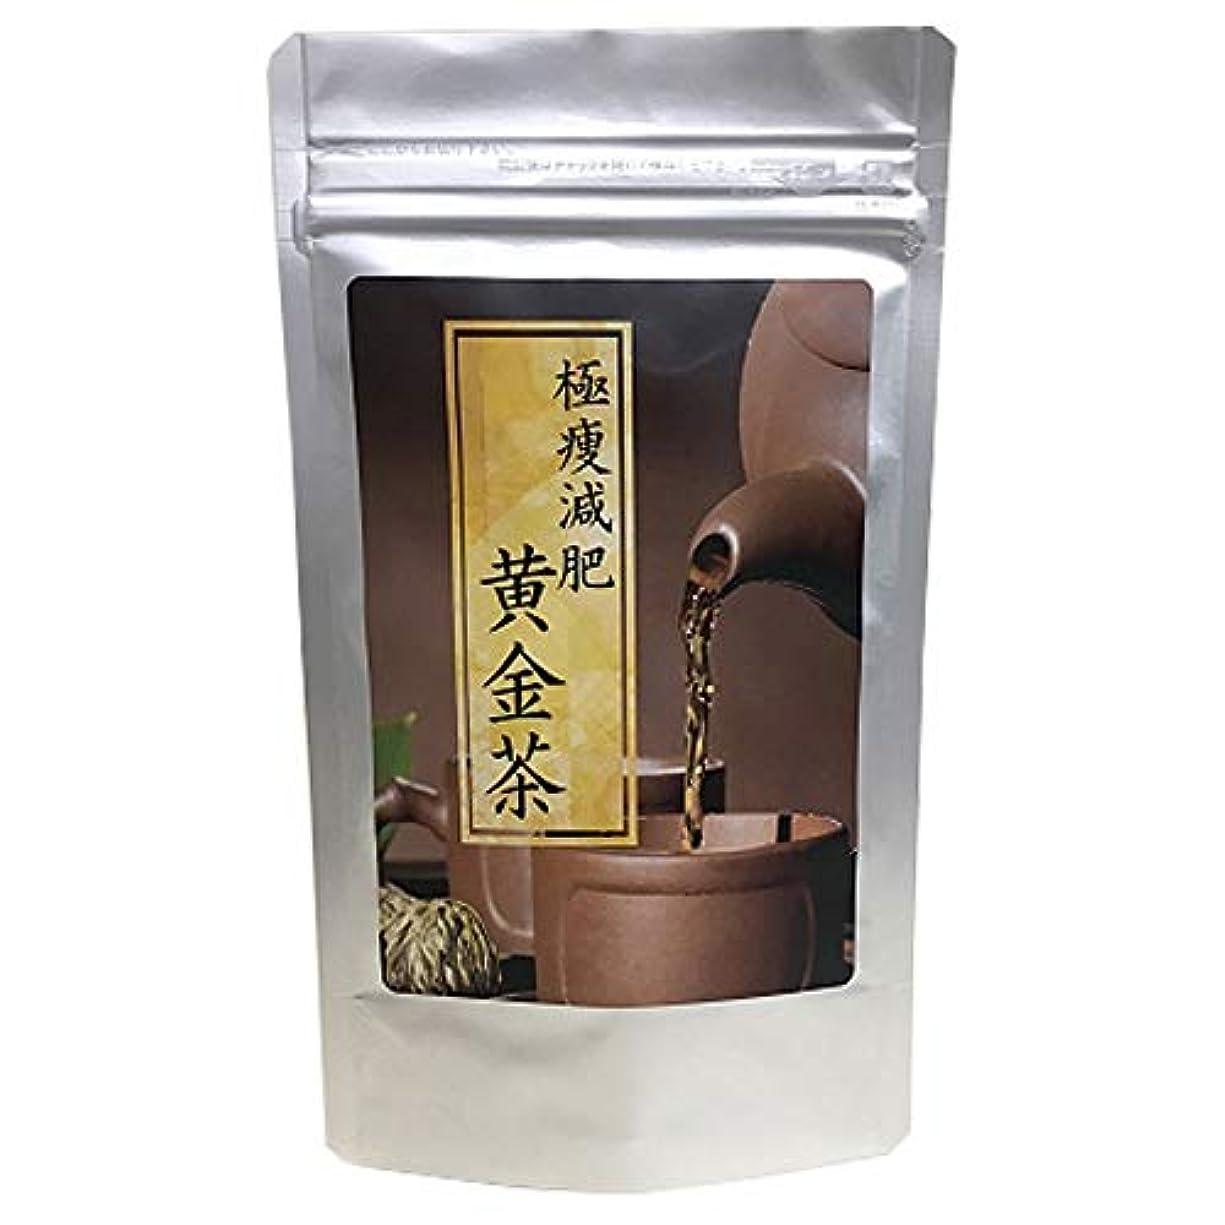 枠討論サドル極痩減肥黄金茶